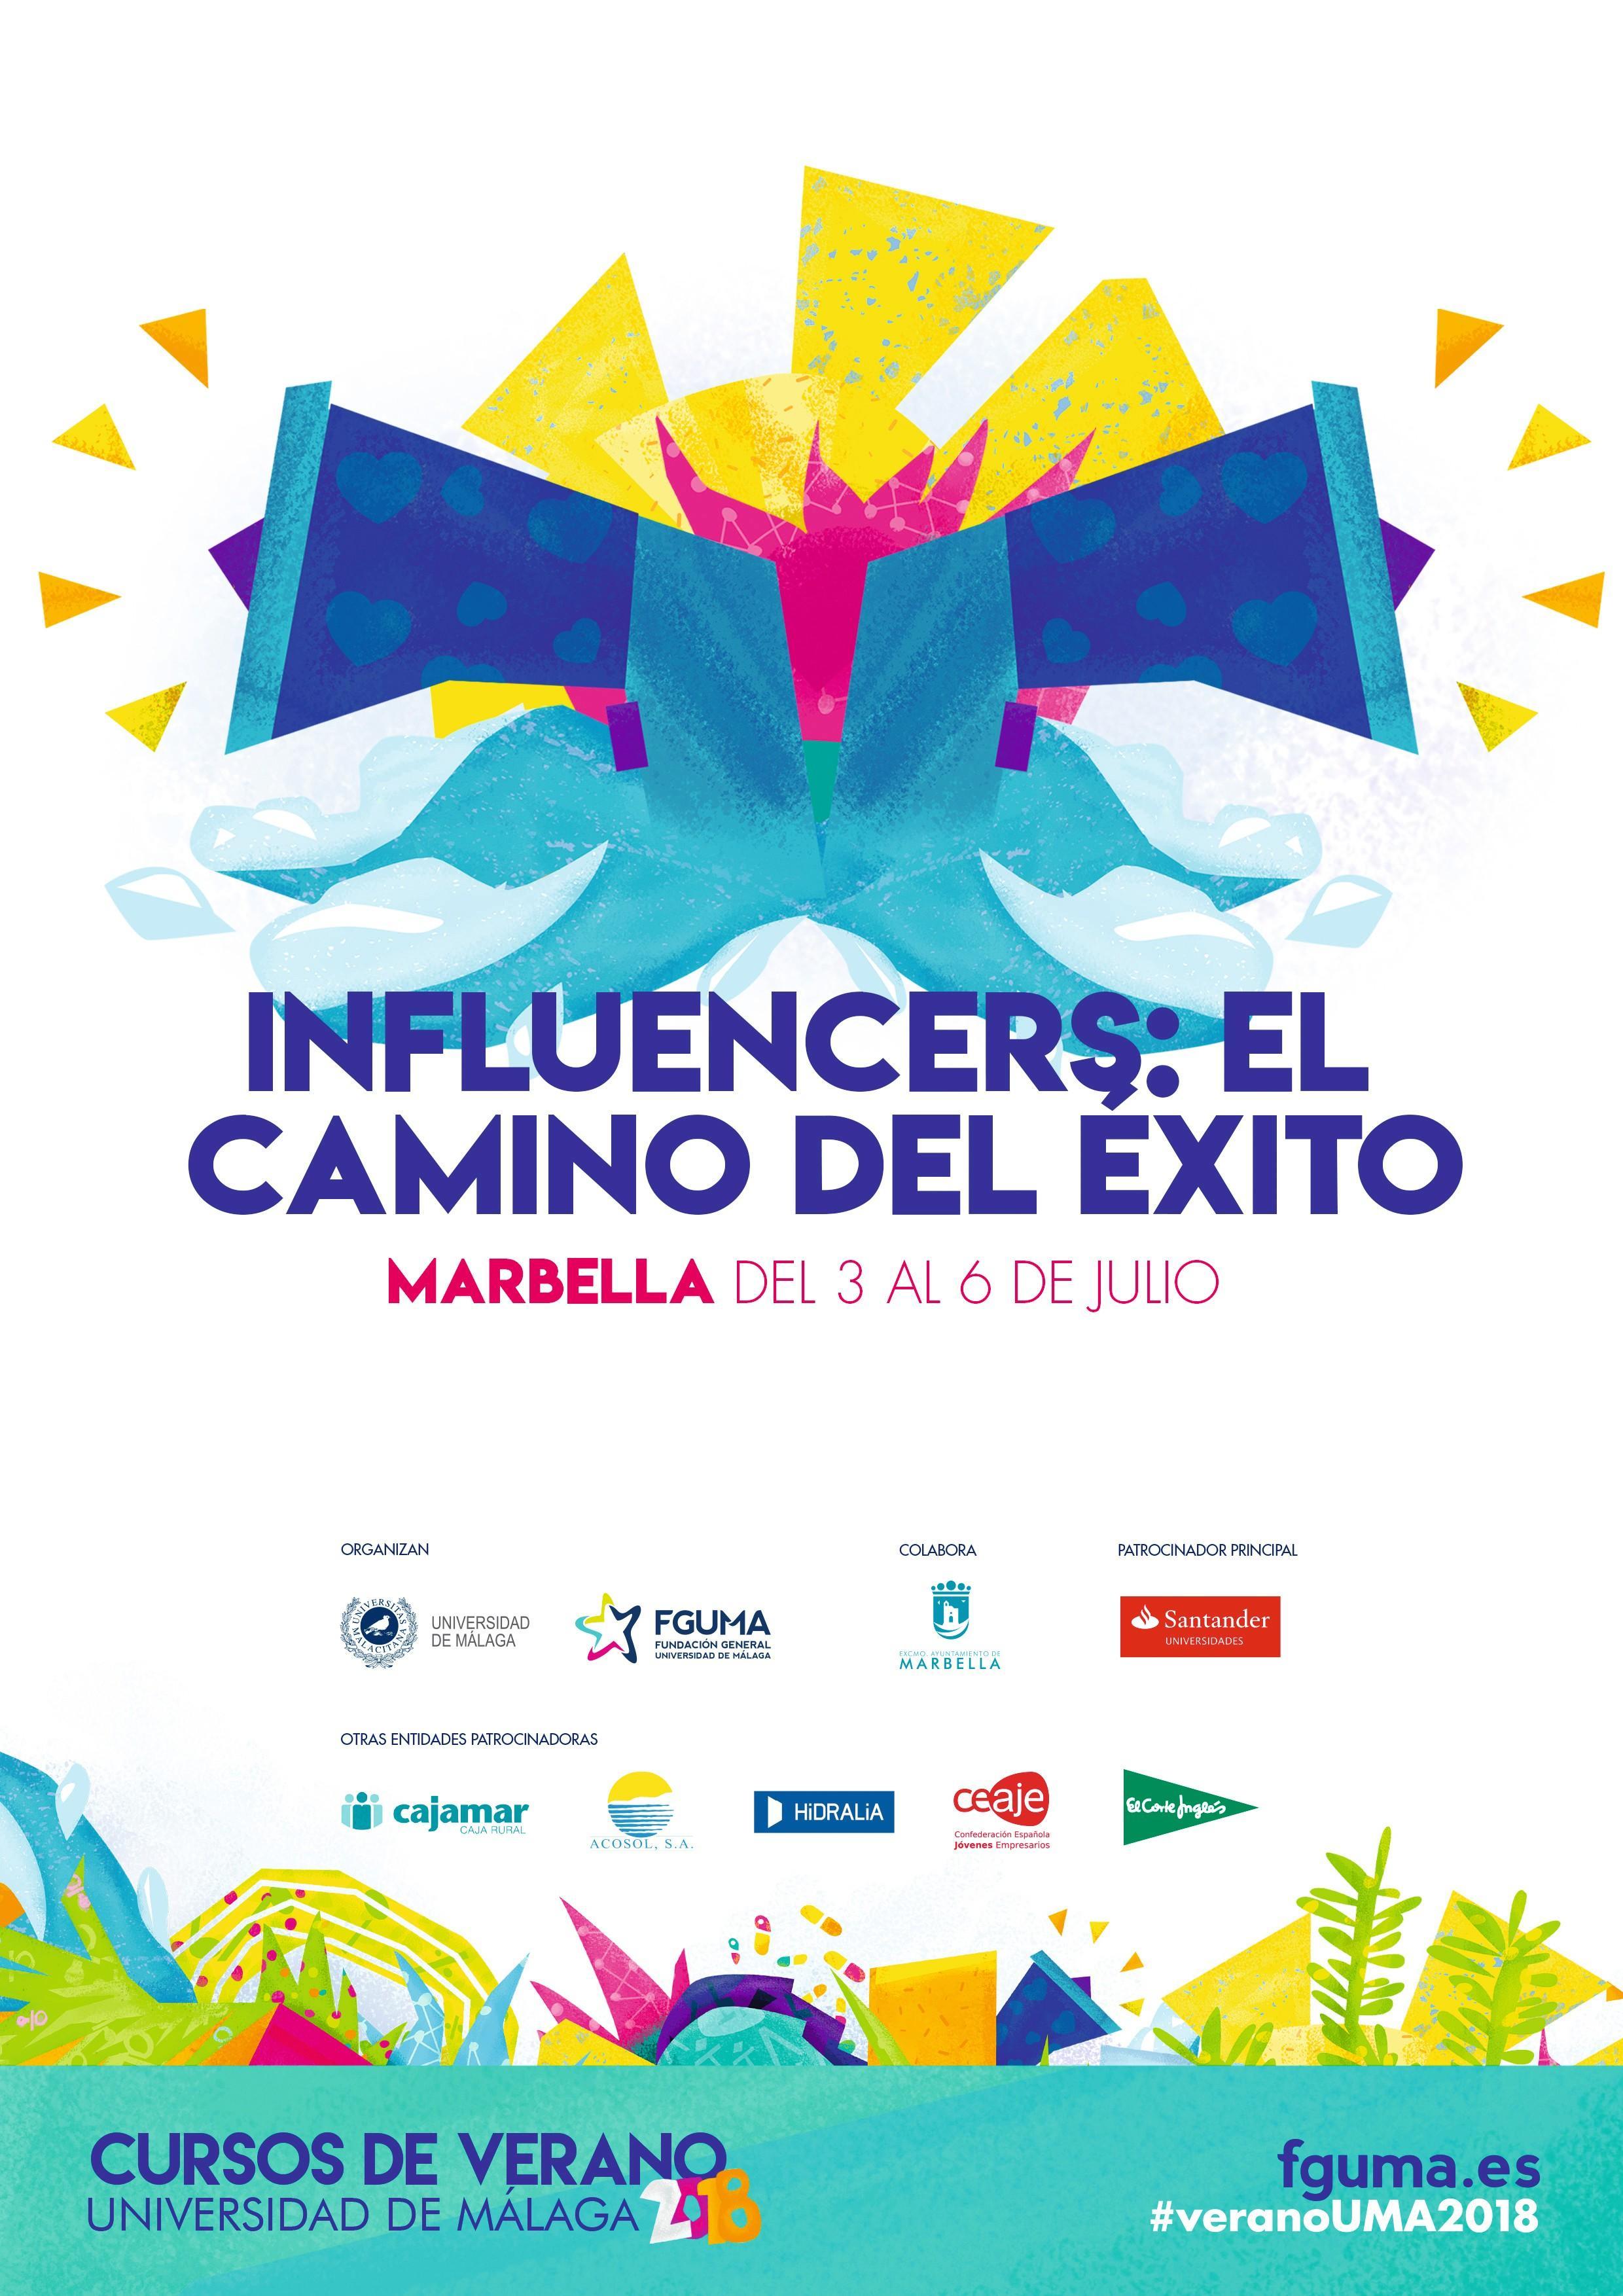 Cursos de verano de la Universidad de Málaga, 2018.